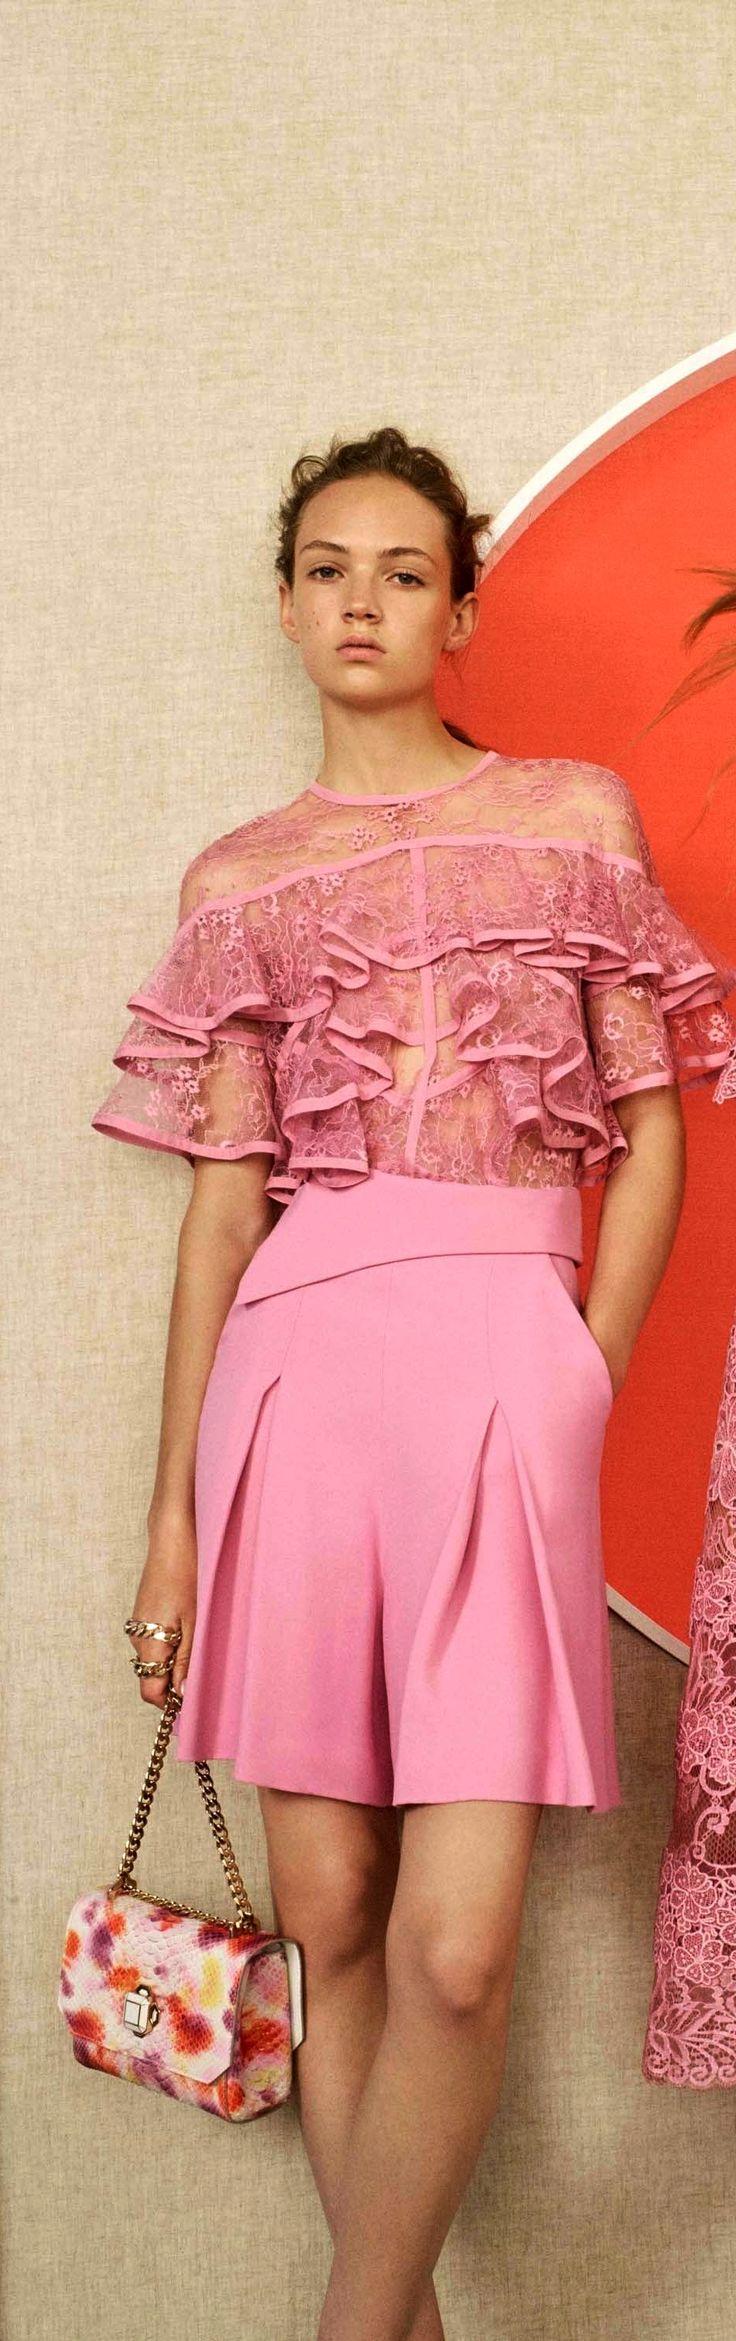 Perfecto Vestidos De Fiesta De New Westminster Imagen - Colección de ...